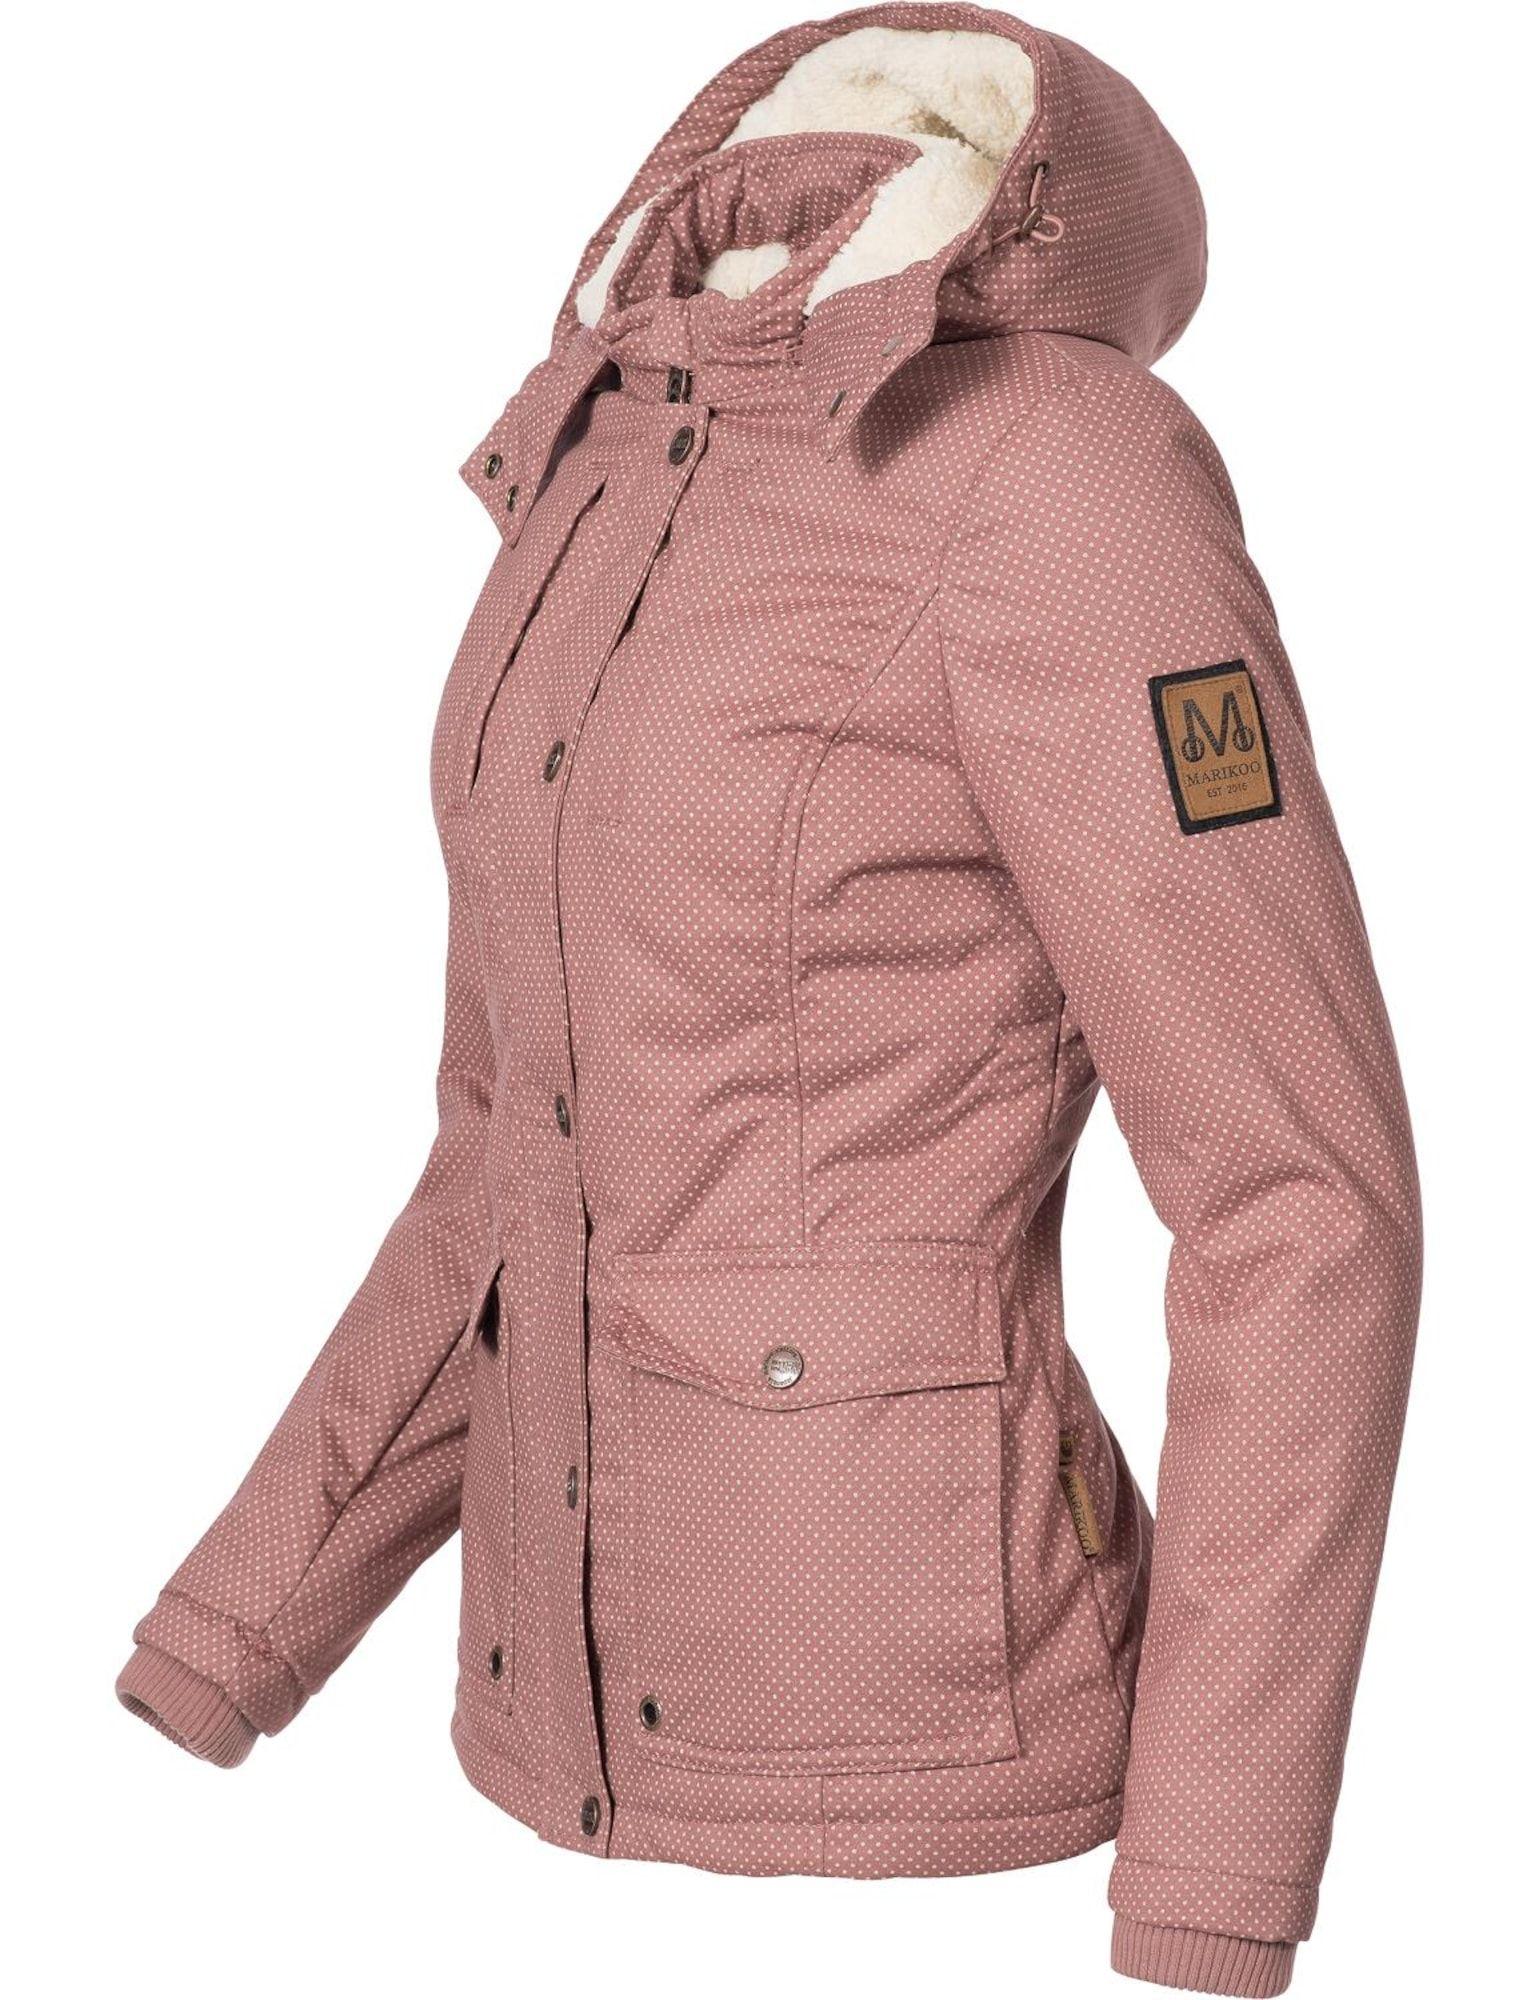 Marikoo Winterjacke Keikoo Damen Altrosa Weiss Grosse L Winterjacken Jacken Und Stehkragen